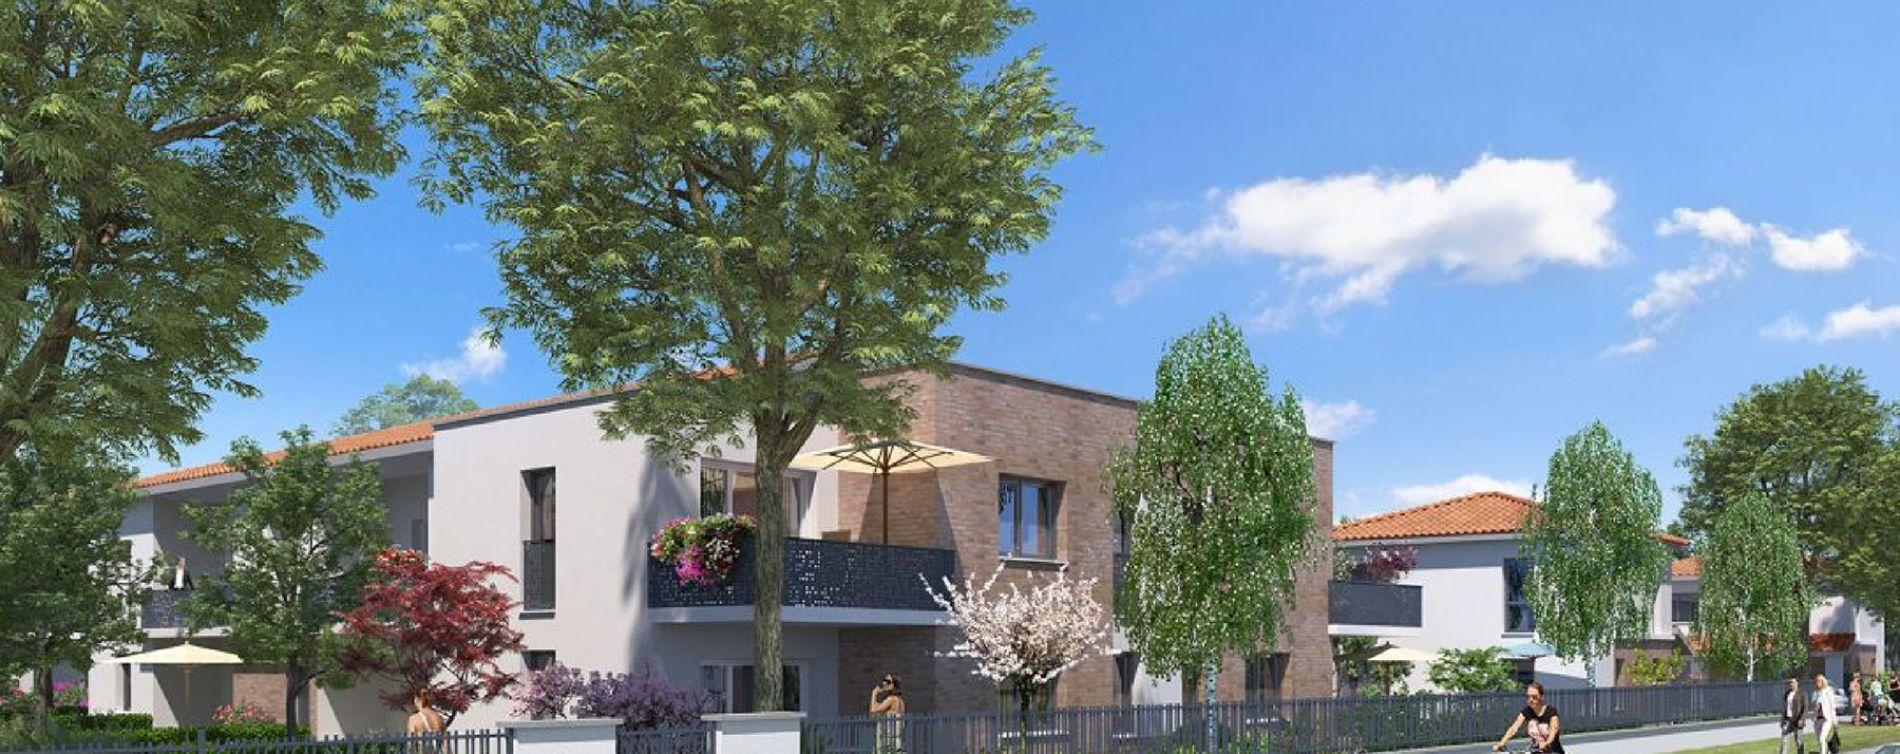 Cugnaux : programme immobilier neuve « Programme immobilier n°216127 » en Loi Pinel